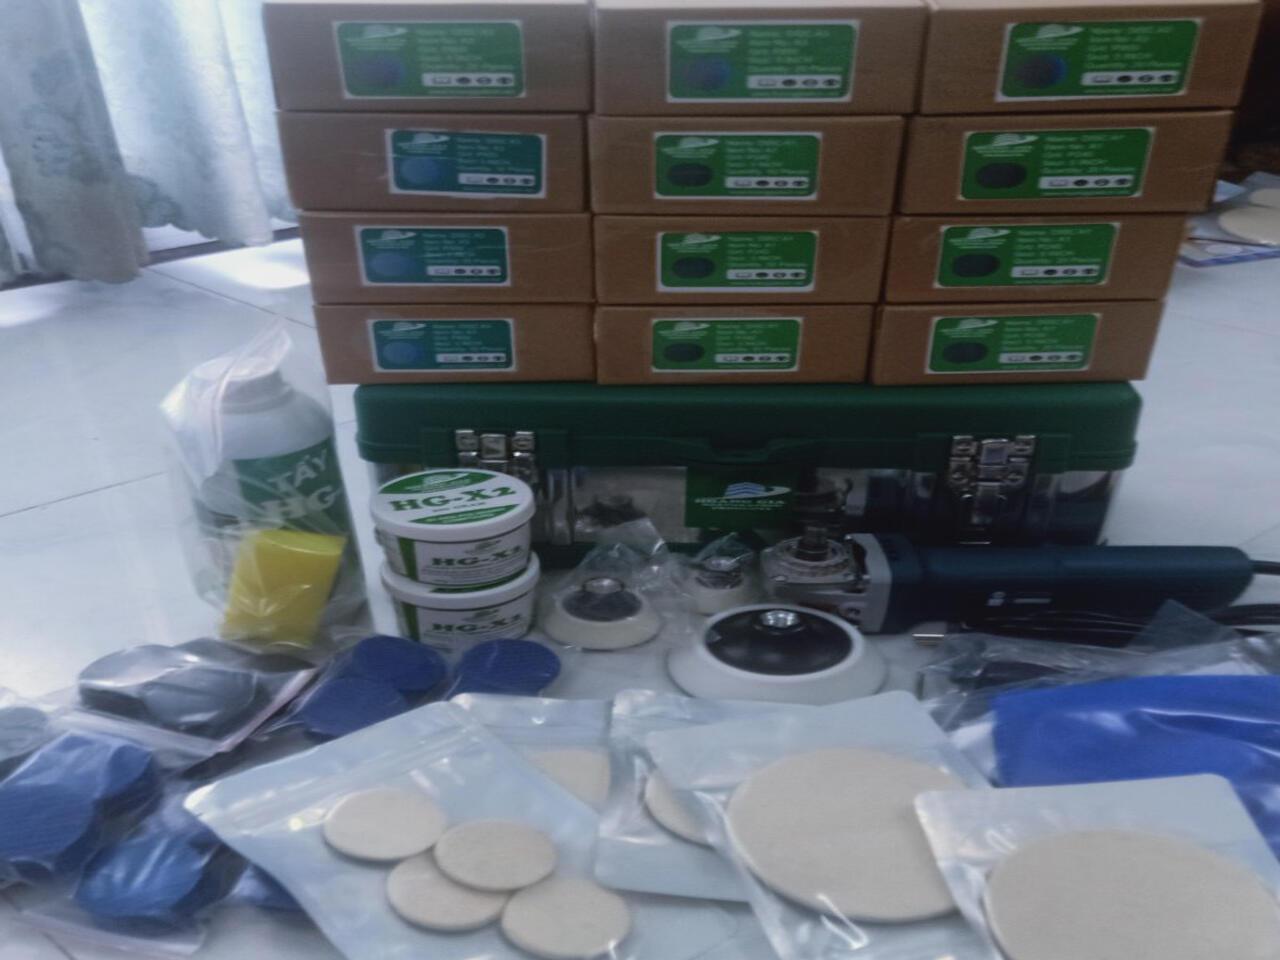 Bộ máy đánh bóng kính bị xước full BOX Bos M14 3 Cấp đĩa